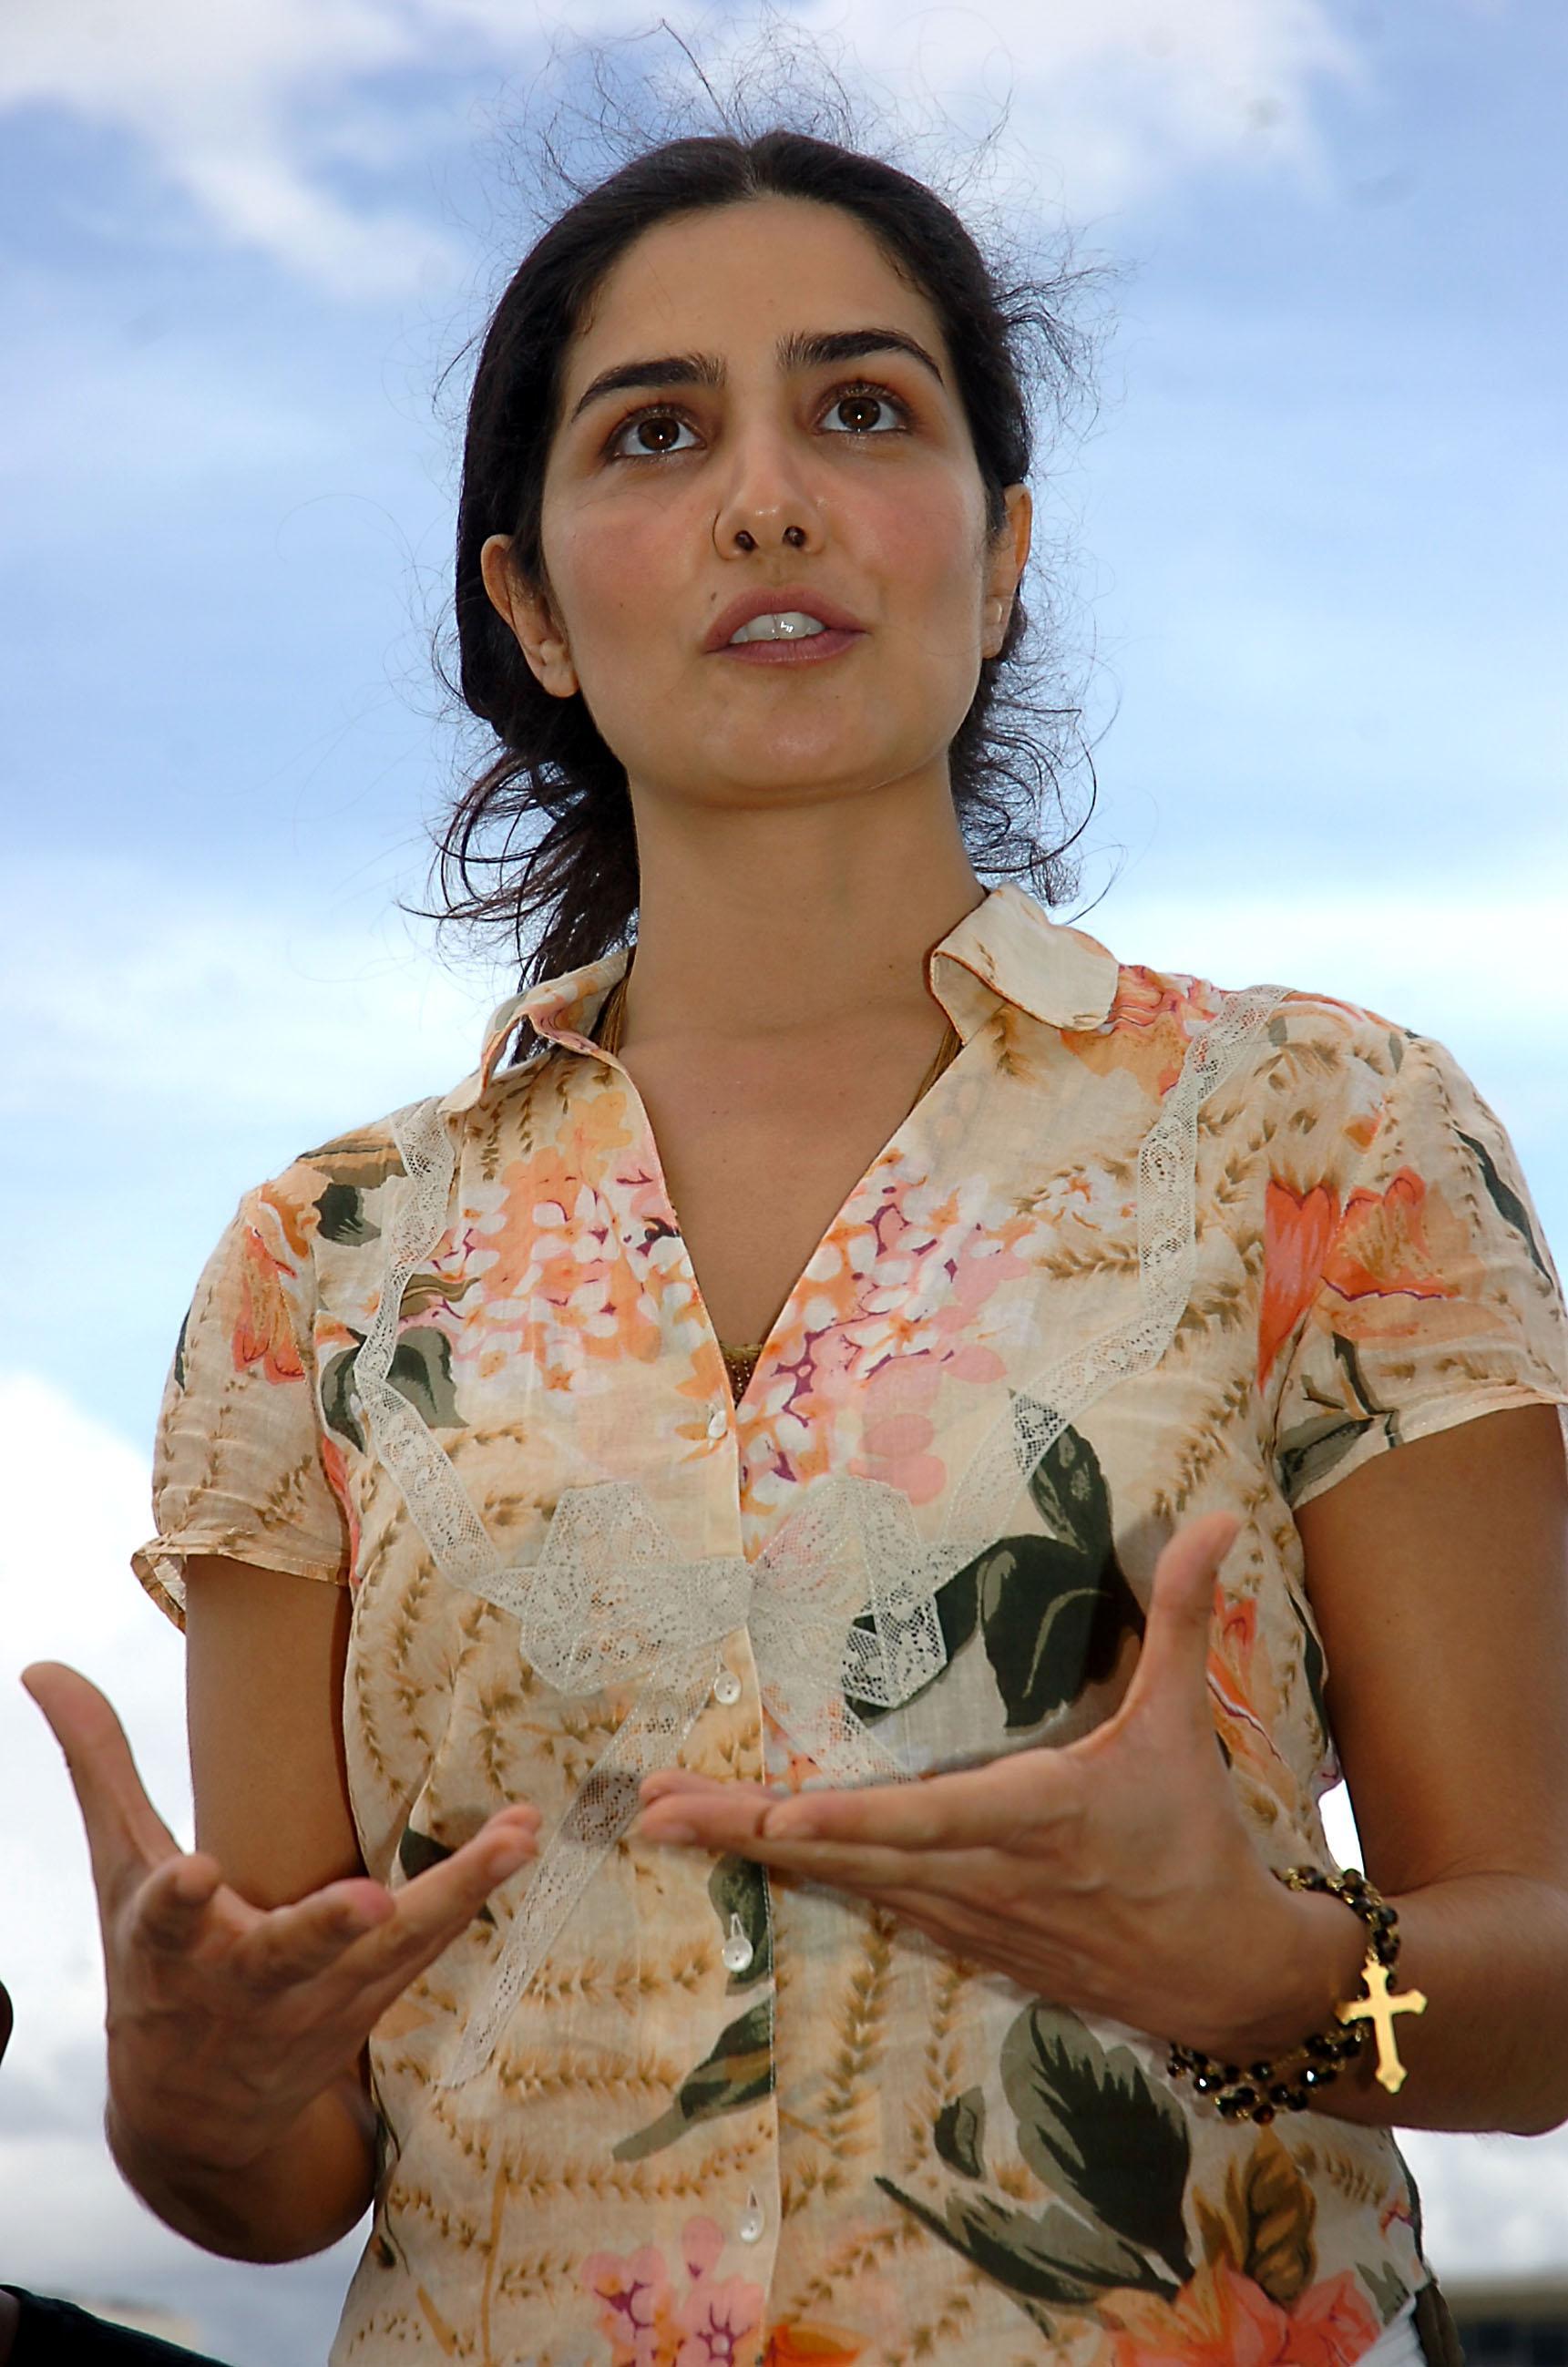 Andreia Beltrao Nua letícia sabatella – wikipédia, a enciclopédia livre